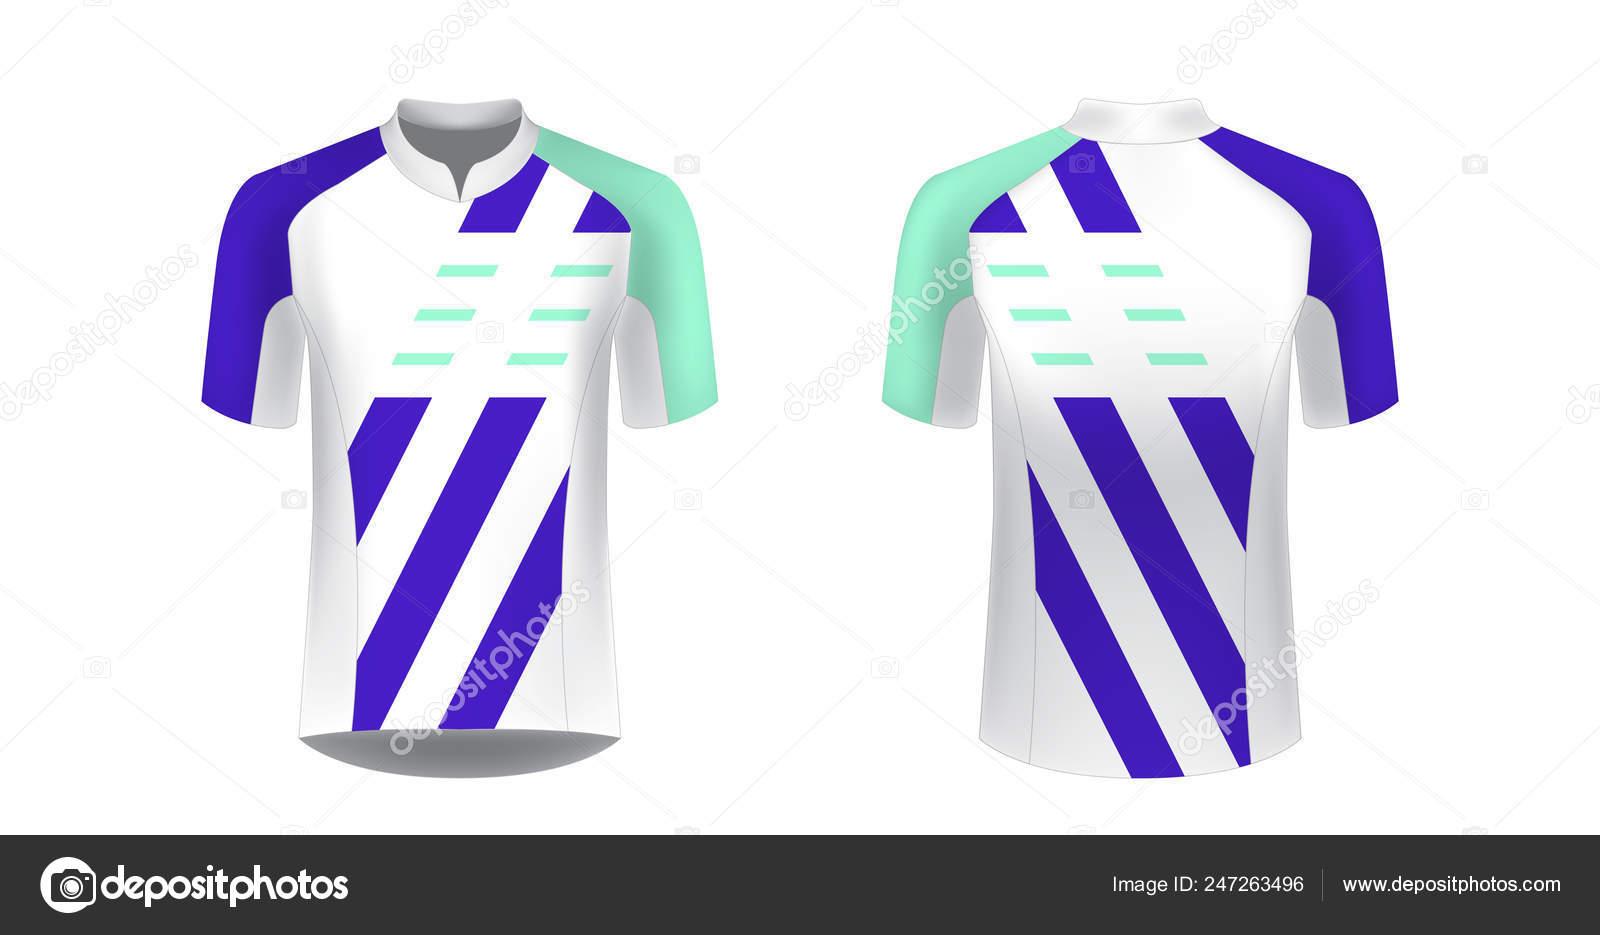 cupón doble venta más barata disfrute del envío de cortesía Plantillas Uniforme Ciclismo Concepto Ropa Casual Gaming ...